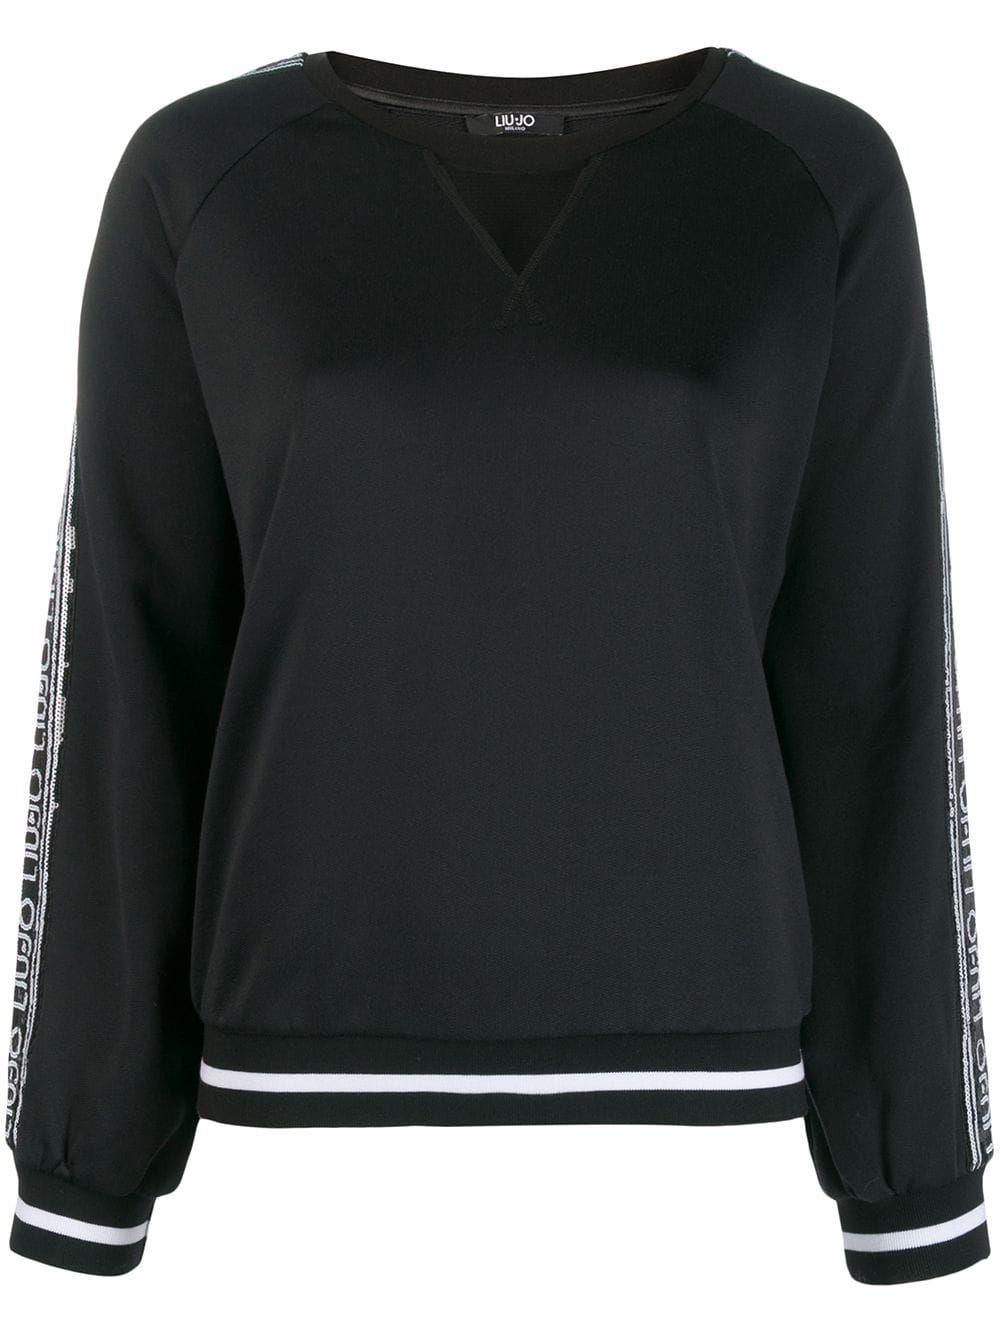 LIU JO sequin embellished Logo Sweatshirt   Sweatshirts, Liu